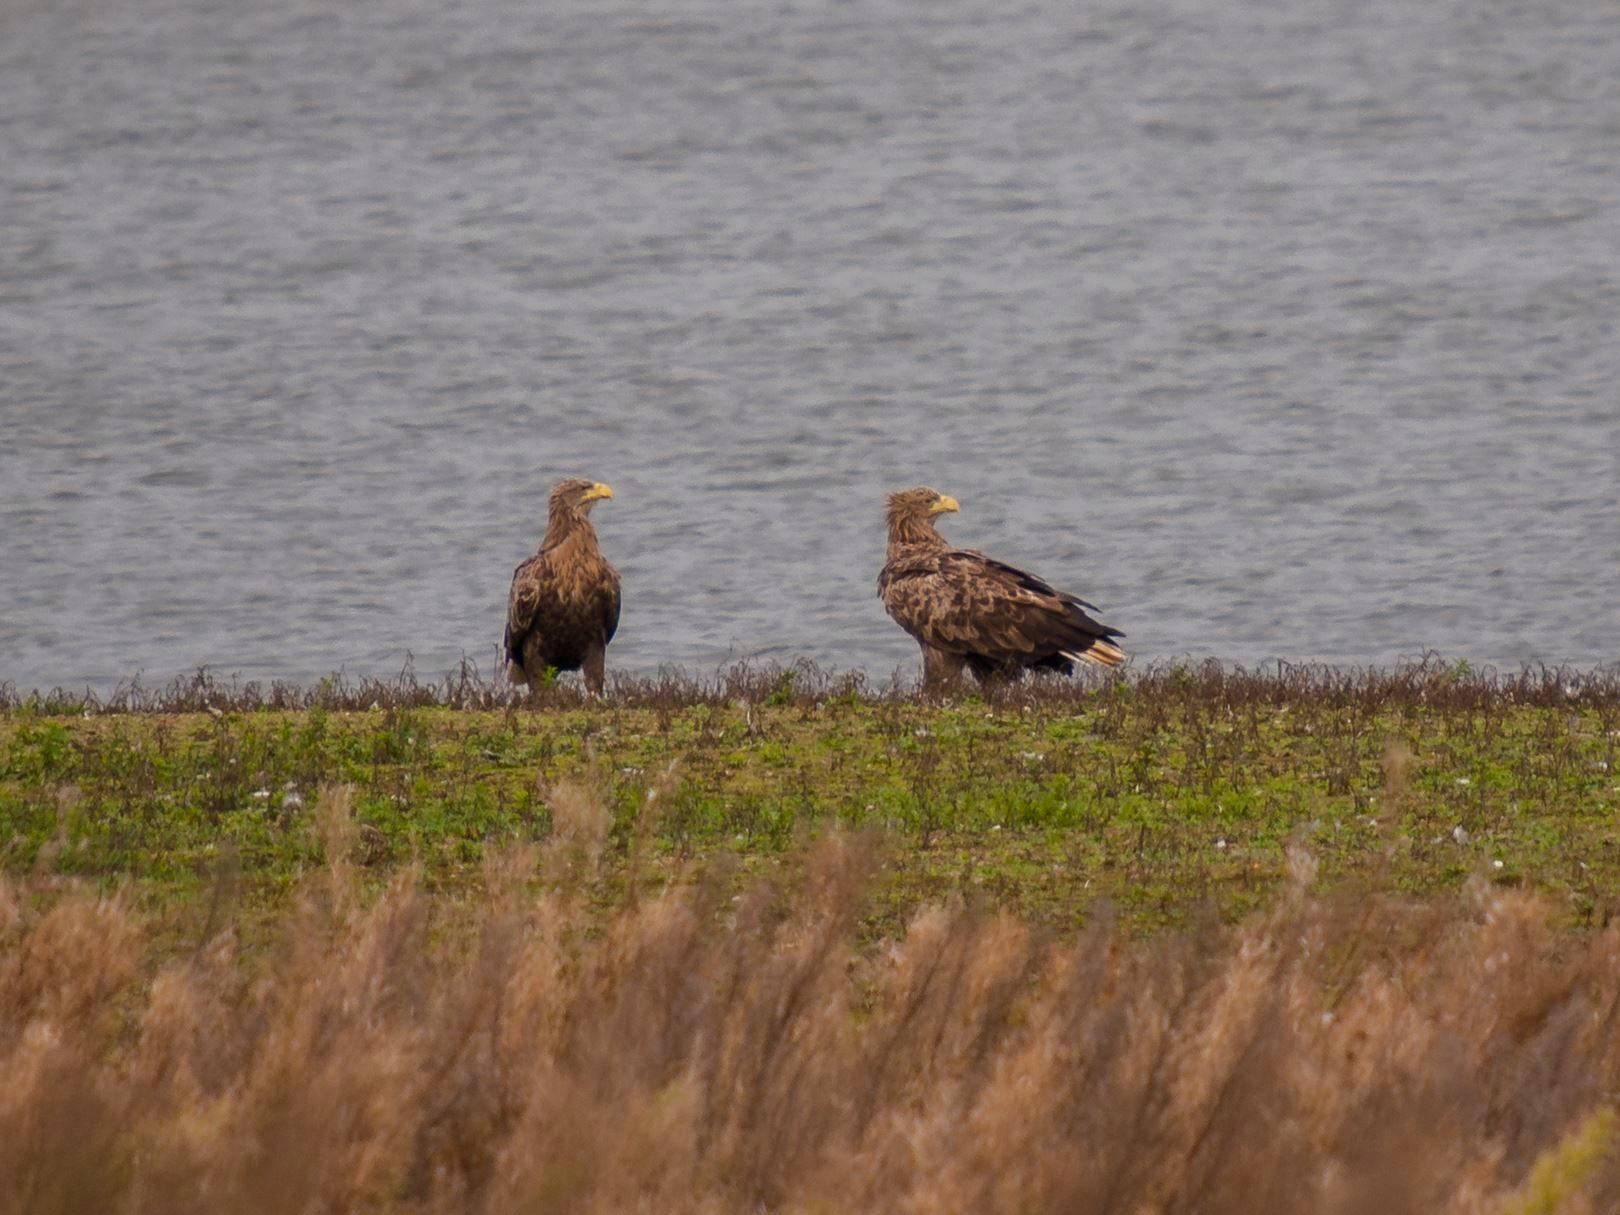 Das Seeadler-Paar auf der flachen Insel in der Auenlandschaft. - Foto: Kathy Büscher